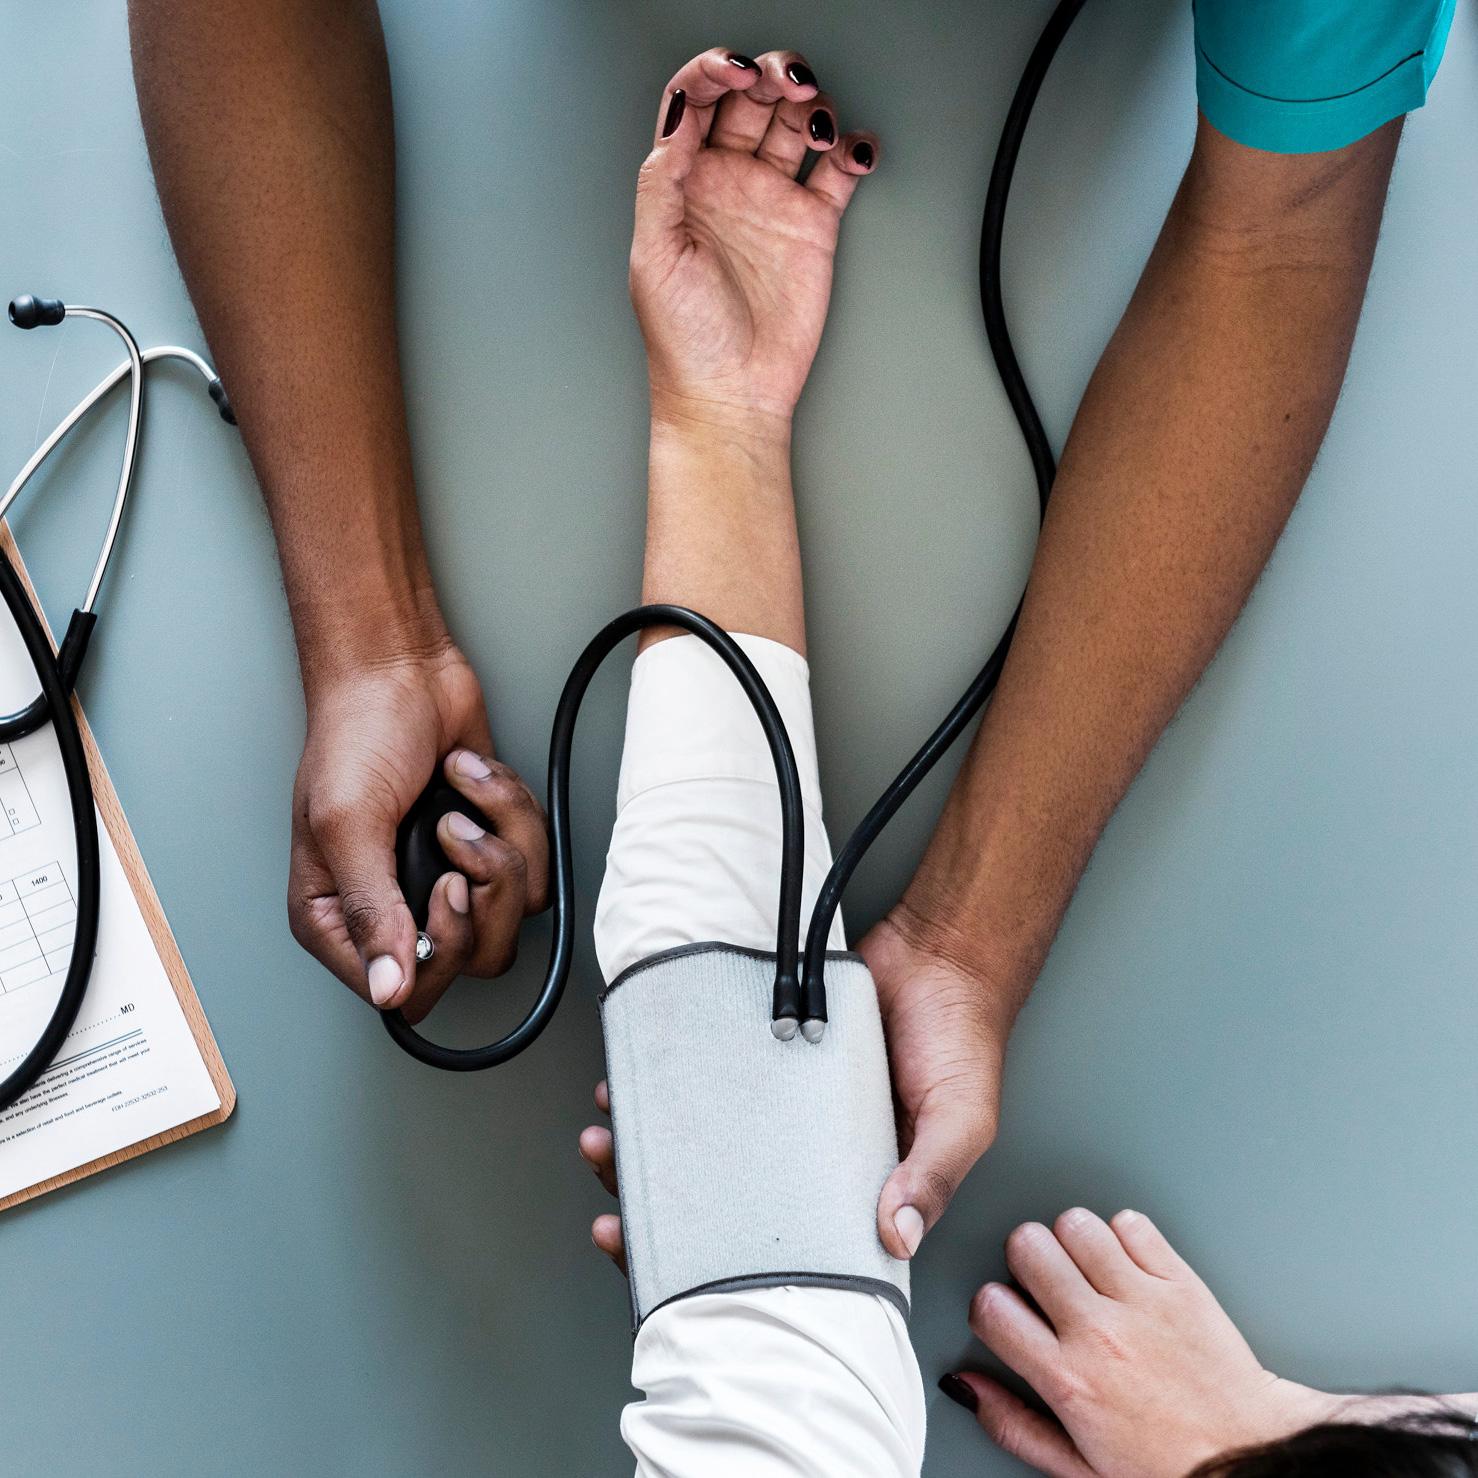 médecin qui prend la tension d'un patient